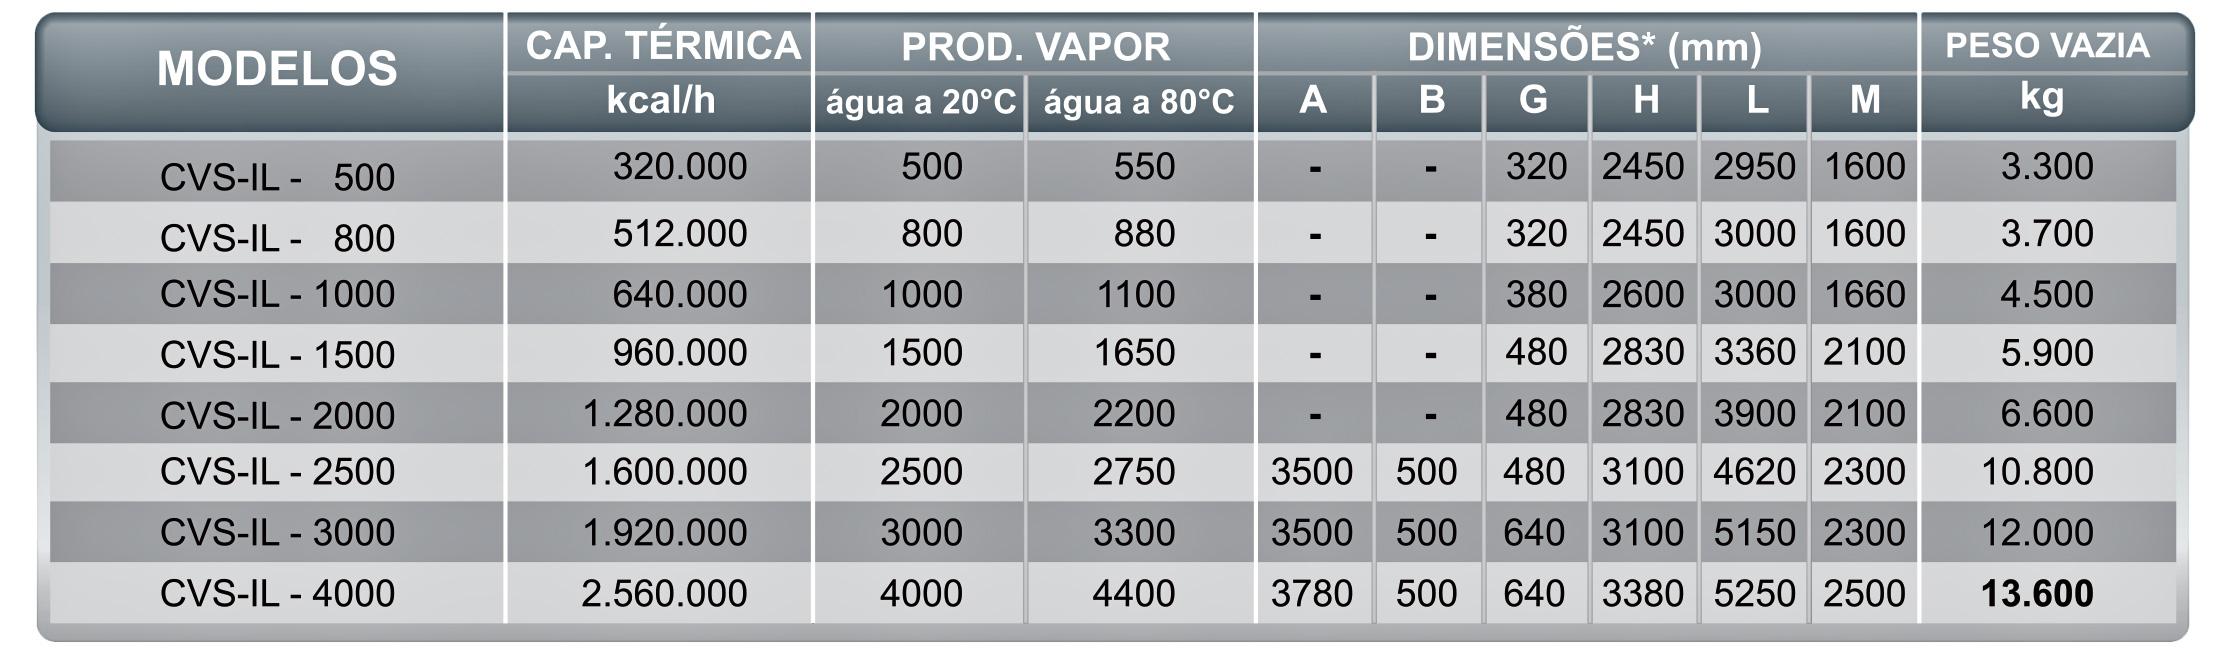 Dados Técnicos CVS-ILIcaterm